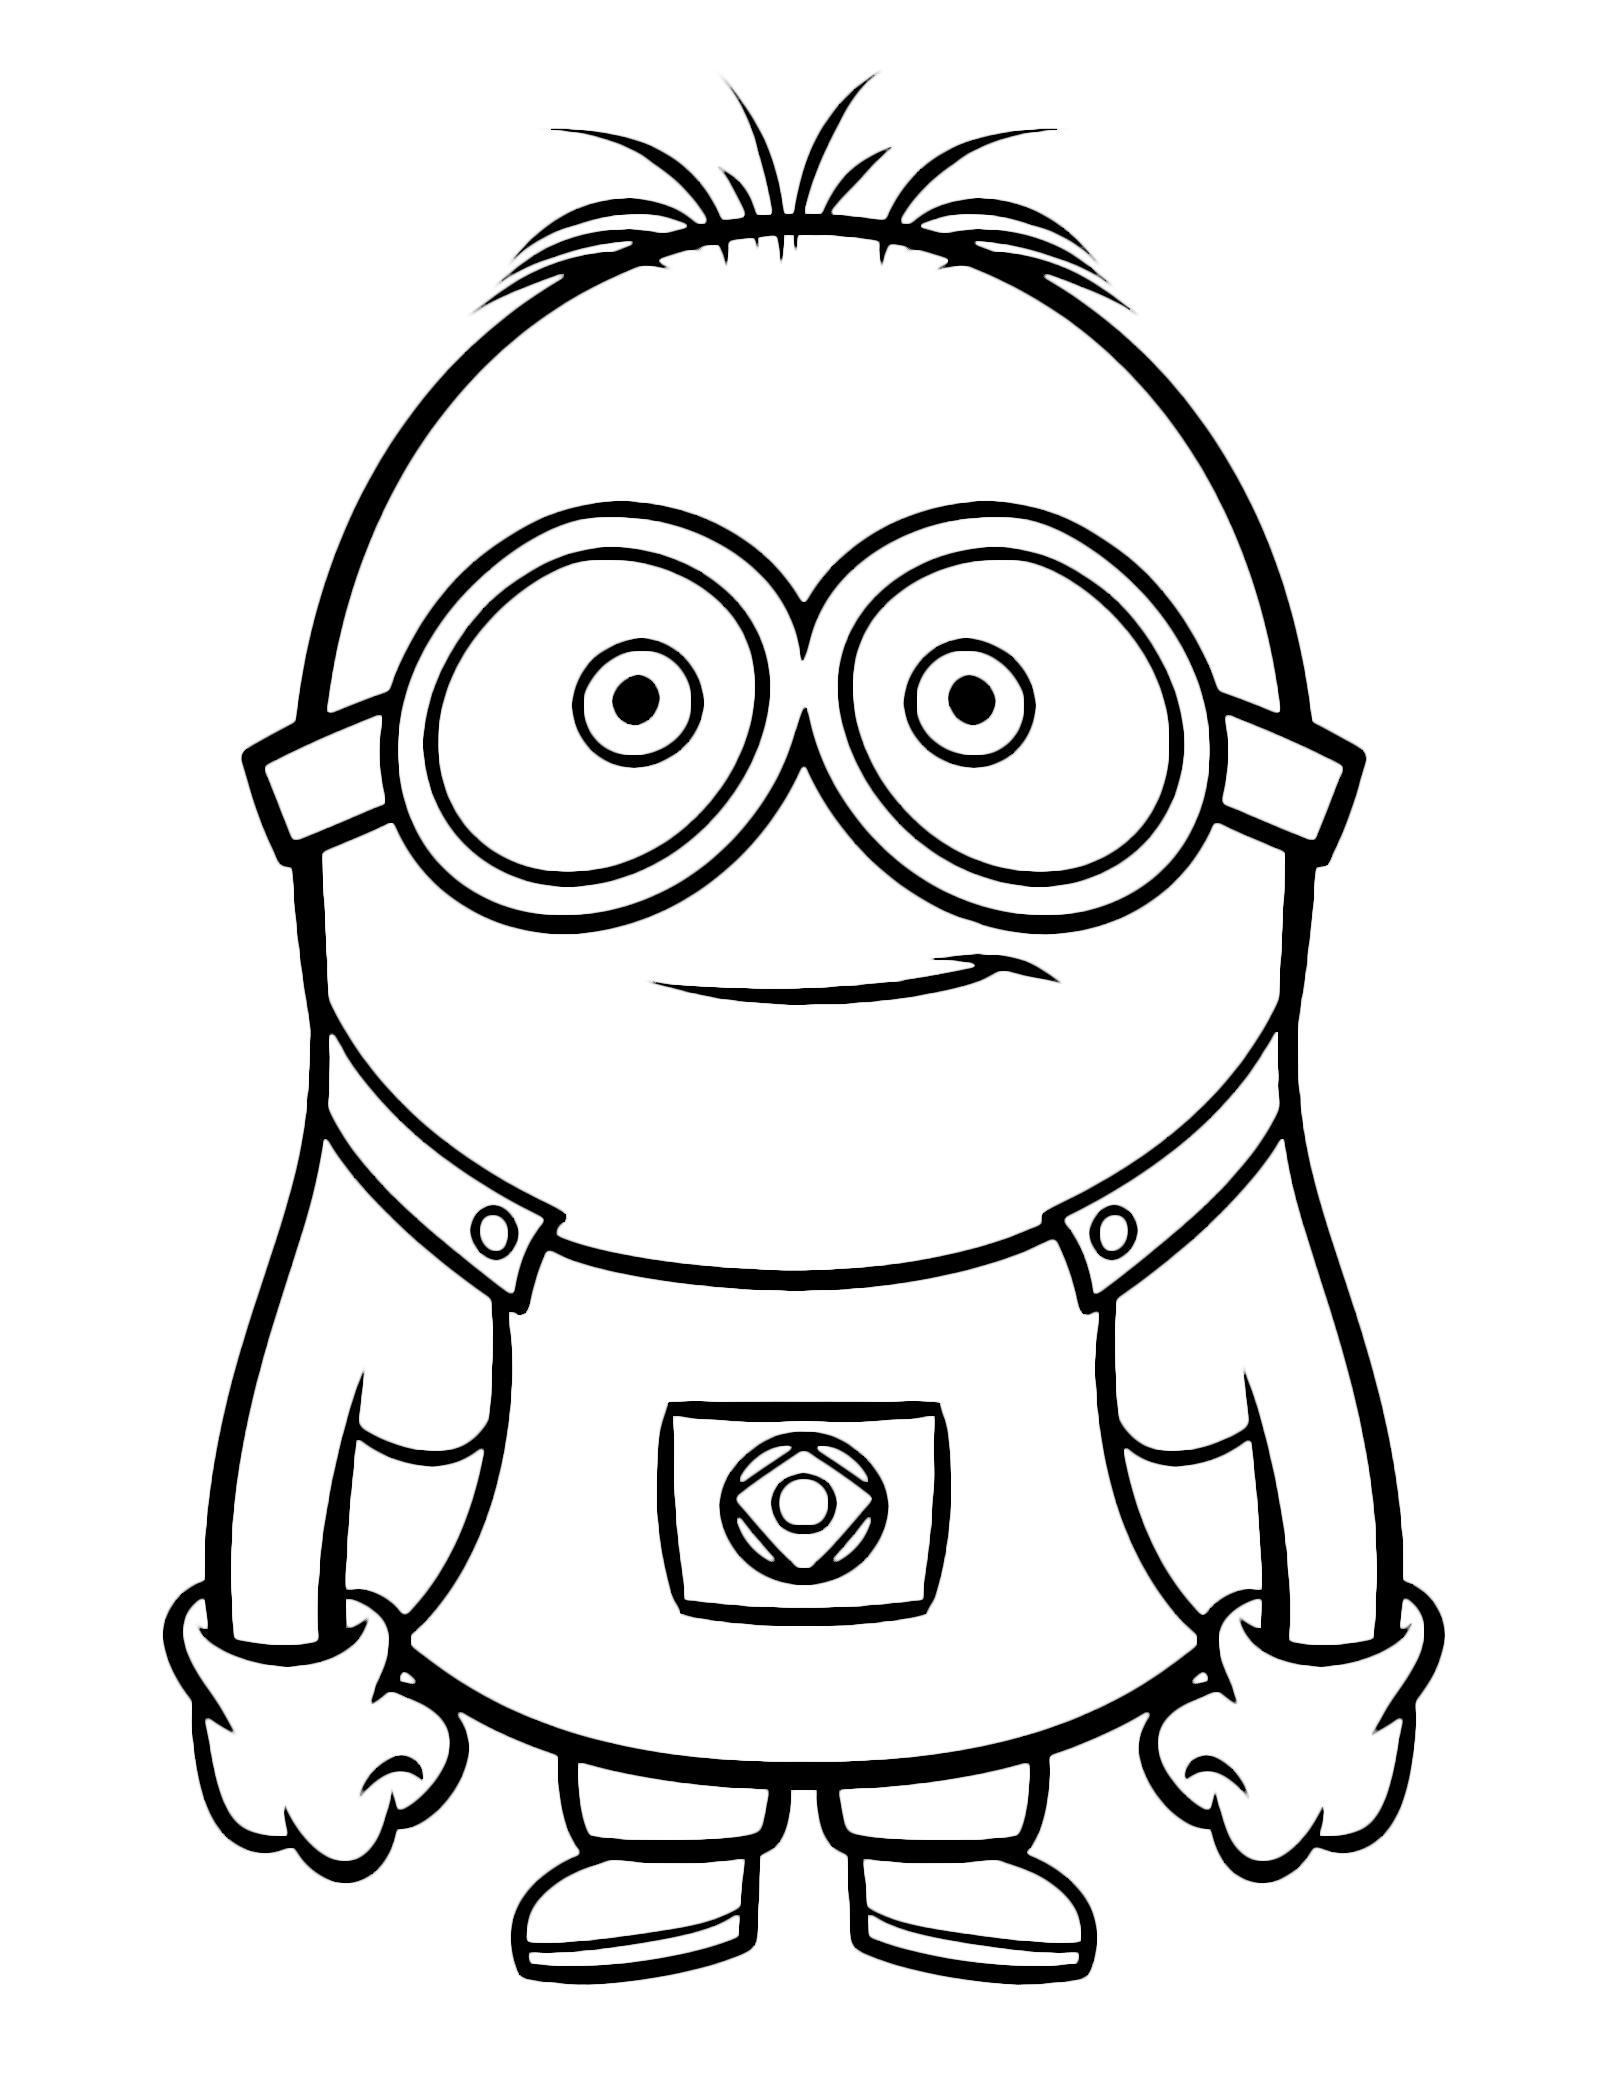 Disegni Da Colorare Minions On Line.Cattivissimo Me Minions Con Due Occhi Scanncut Disegni